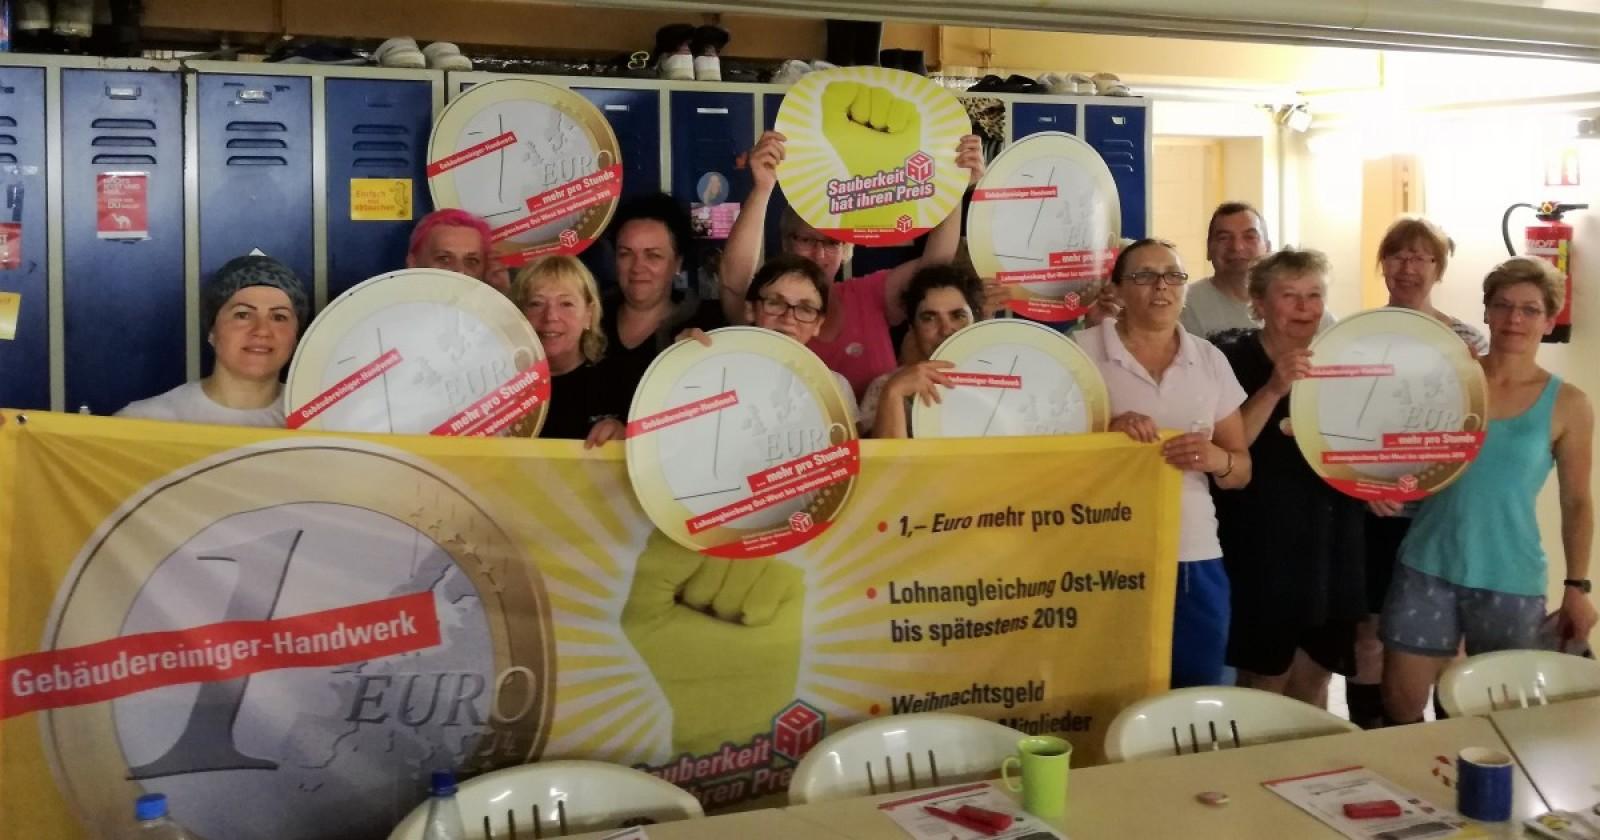 Octeo-KollegInnen aus Duisburg wollen am 26 September in Essen ihren Forderungen Nachdruck verleihen